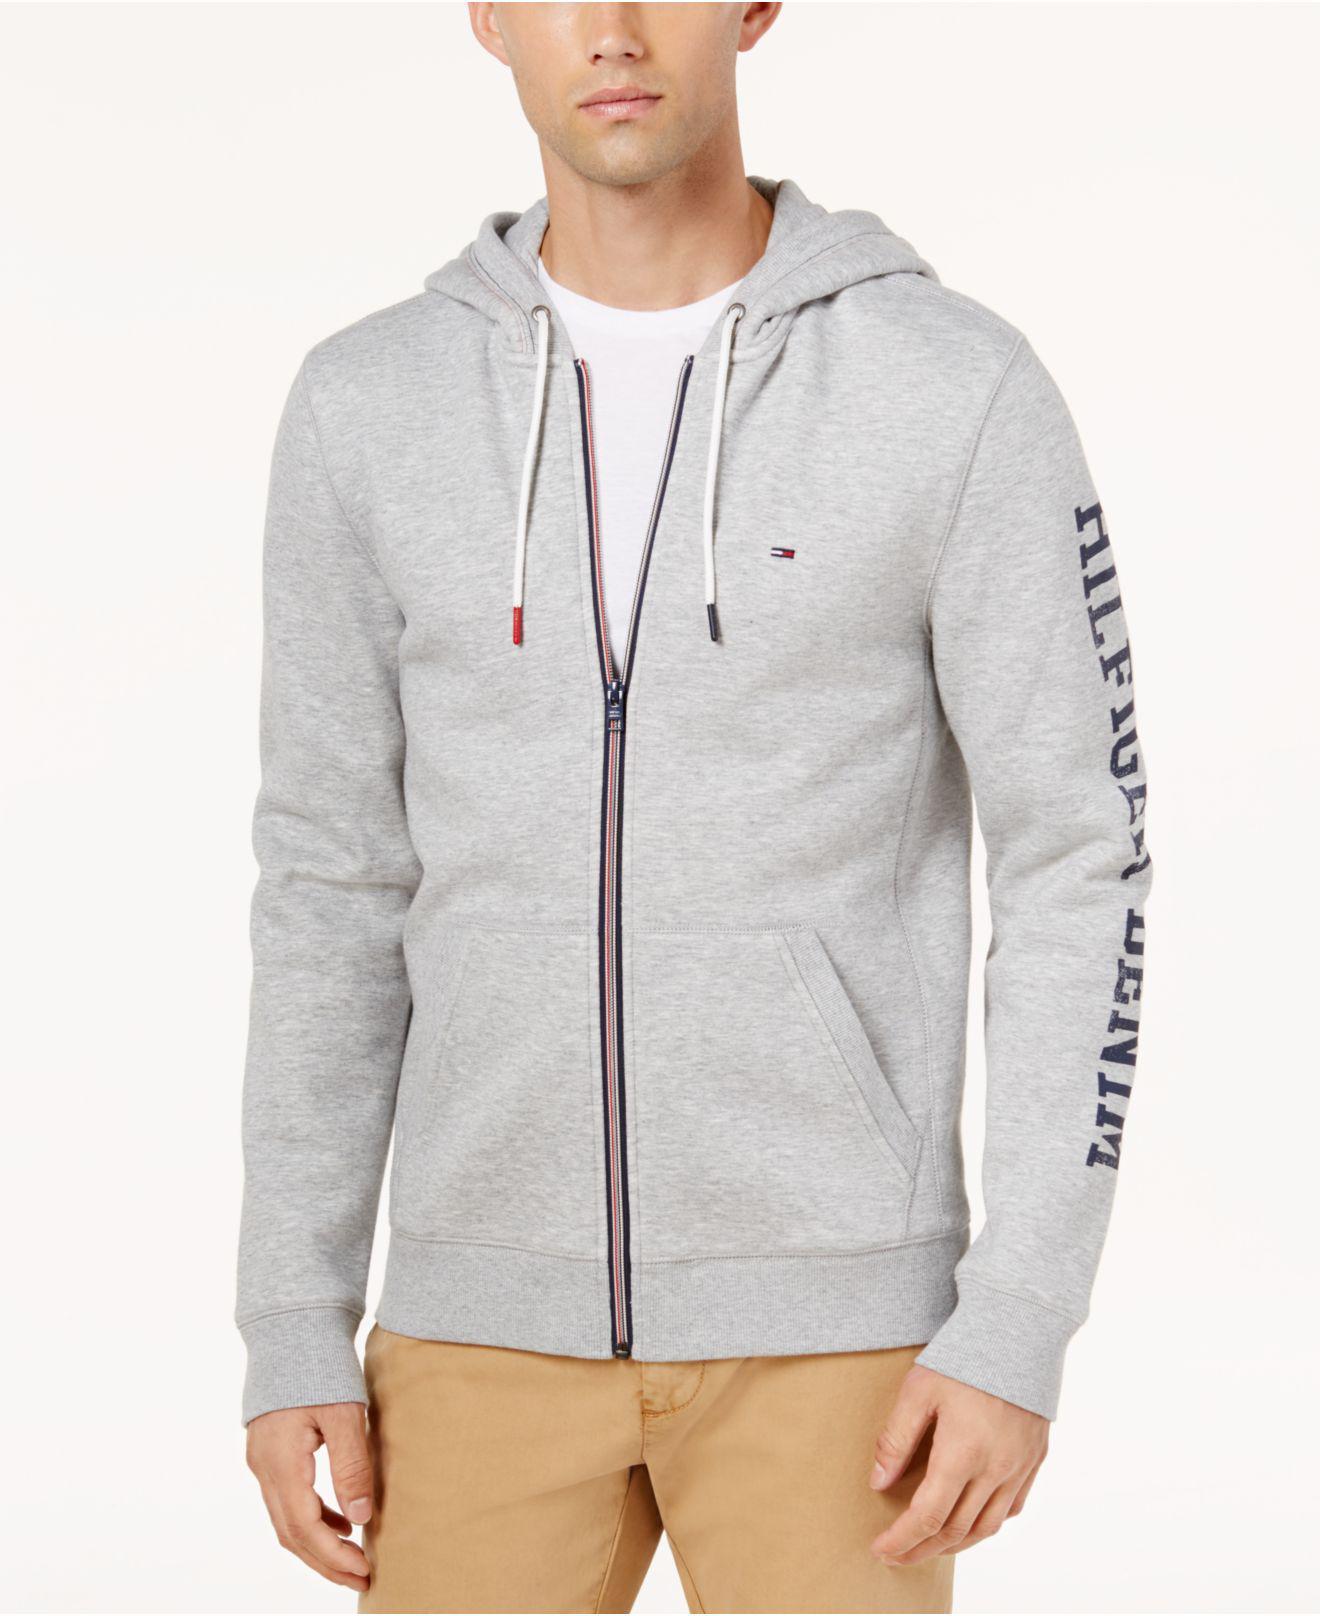 Tommy Hilfiger Mens Full Zip Hoodie Sweatshirt